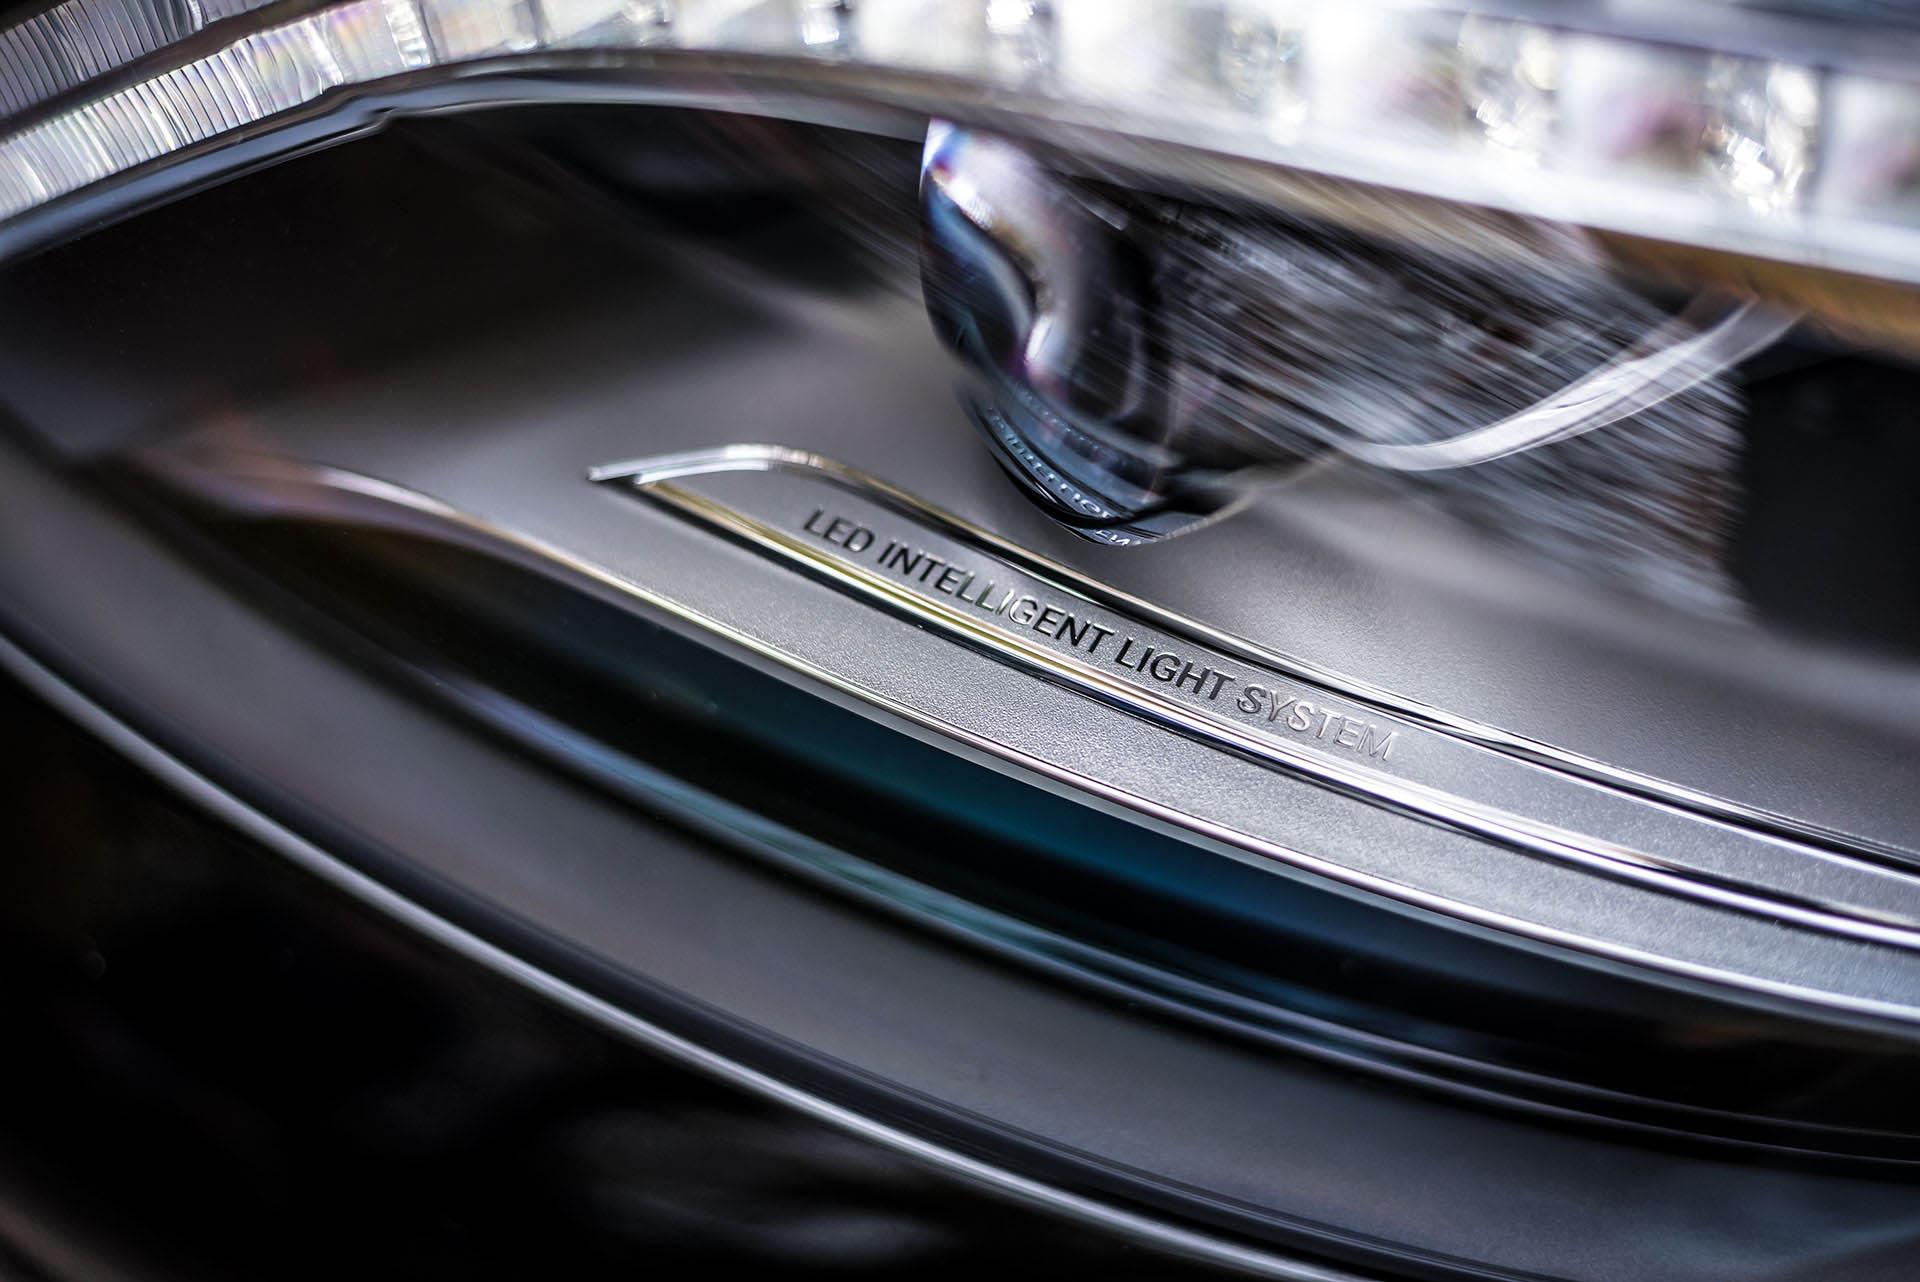 B+K_Sportwagen_Rheinland_GmbH_Mercedes_Benz_Sklasse_500_schwarz_19